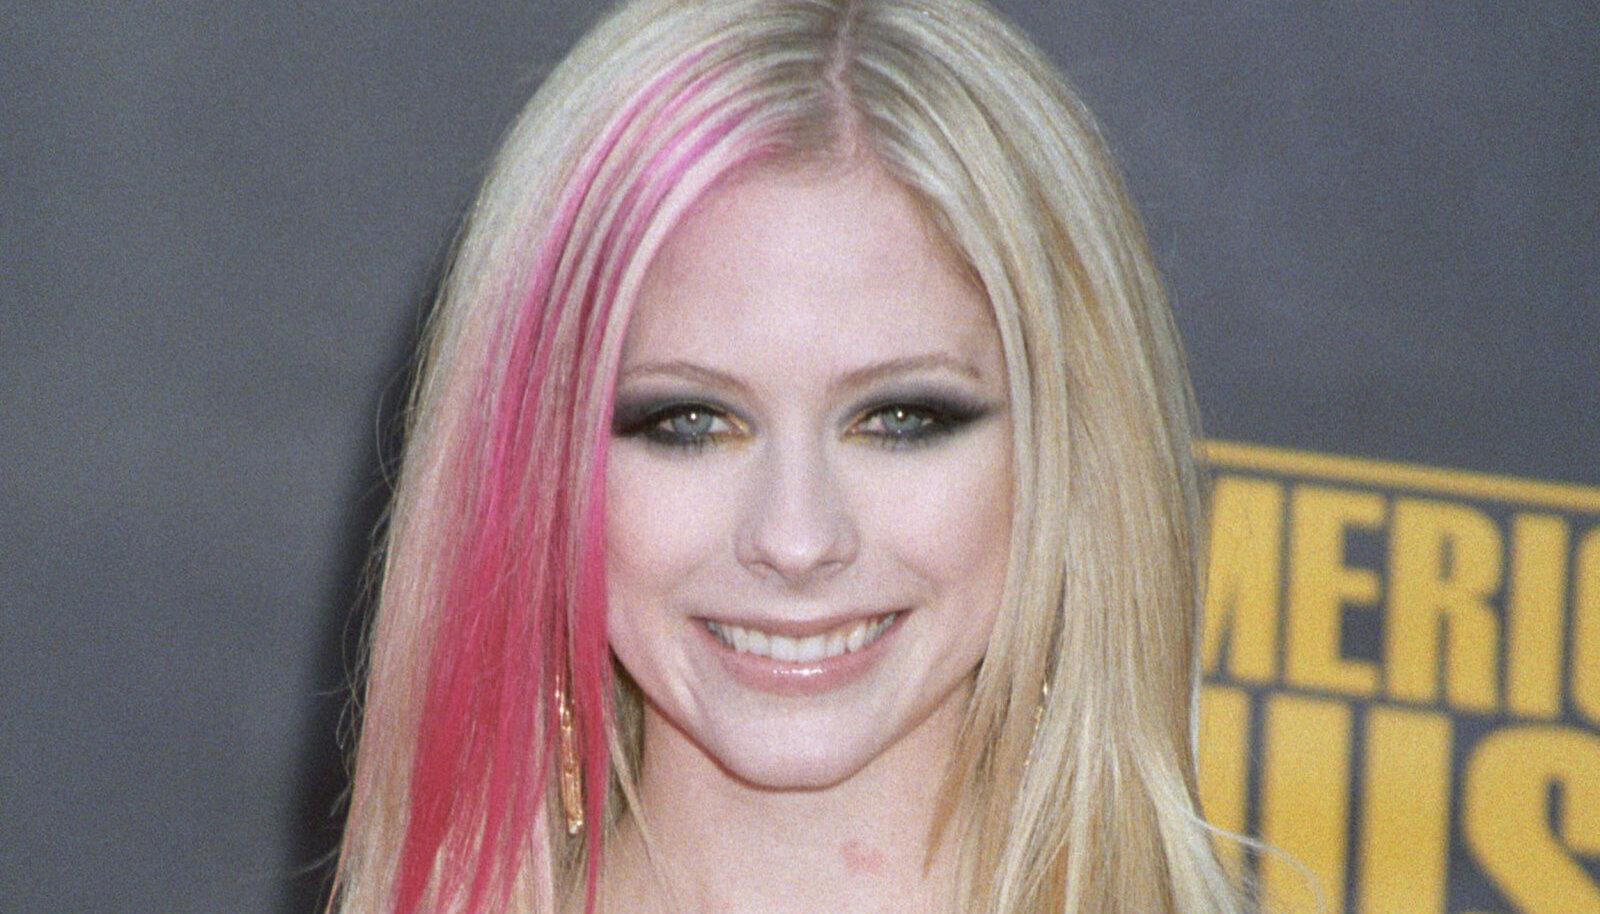 Avril 15 aastat tagasi.